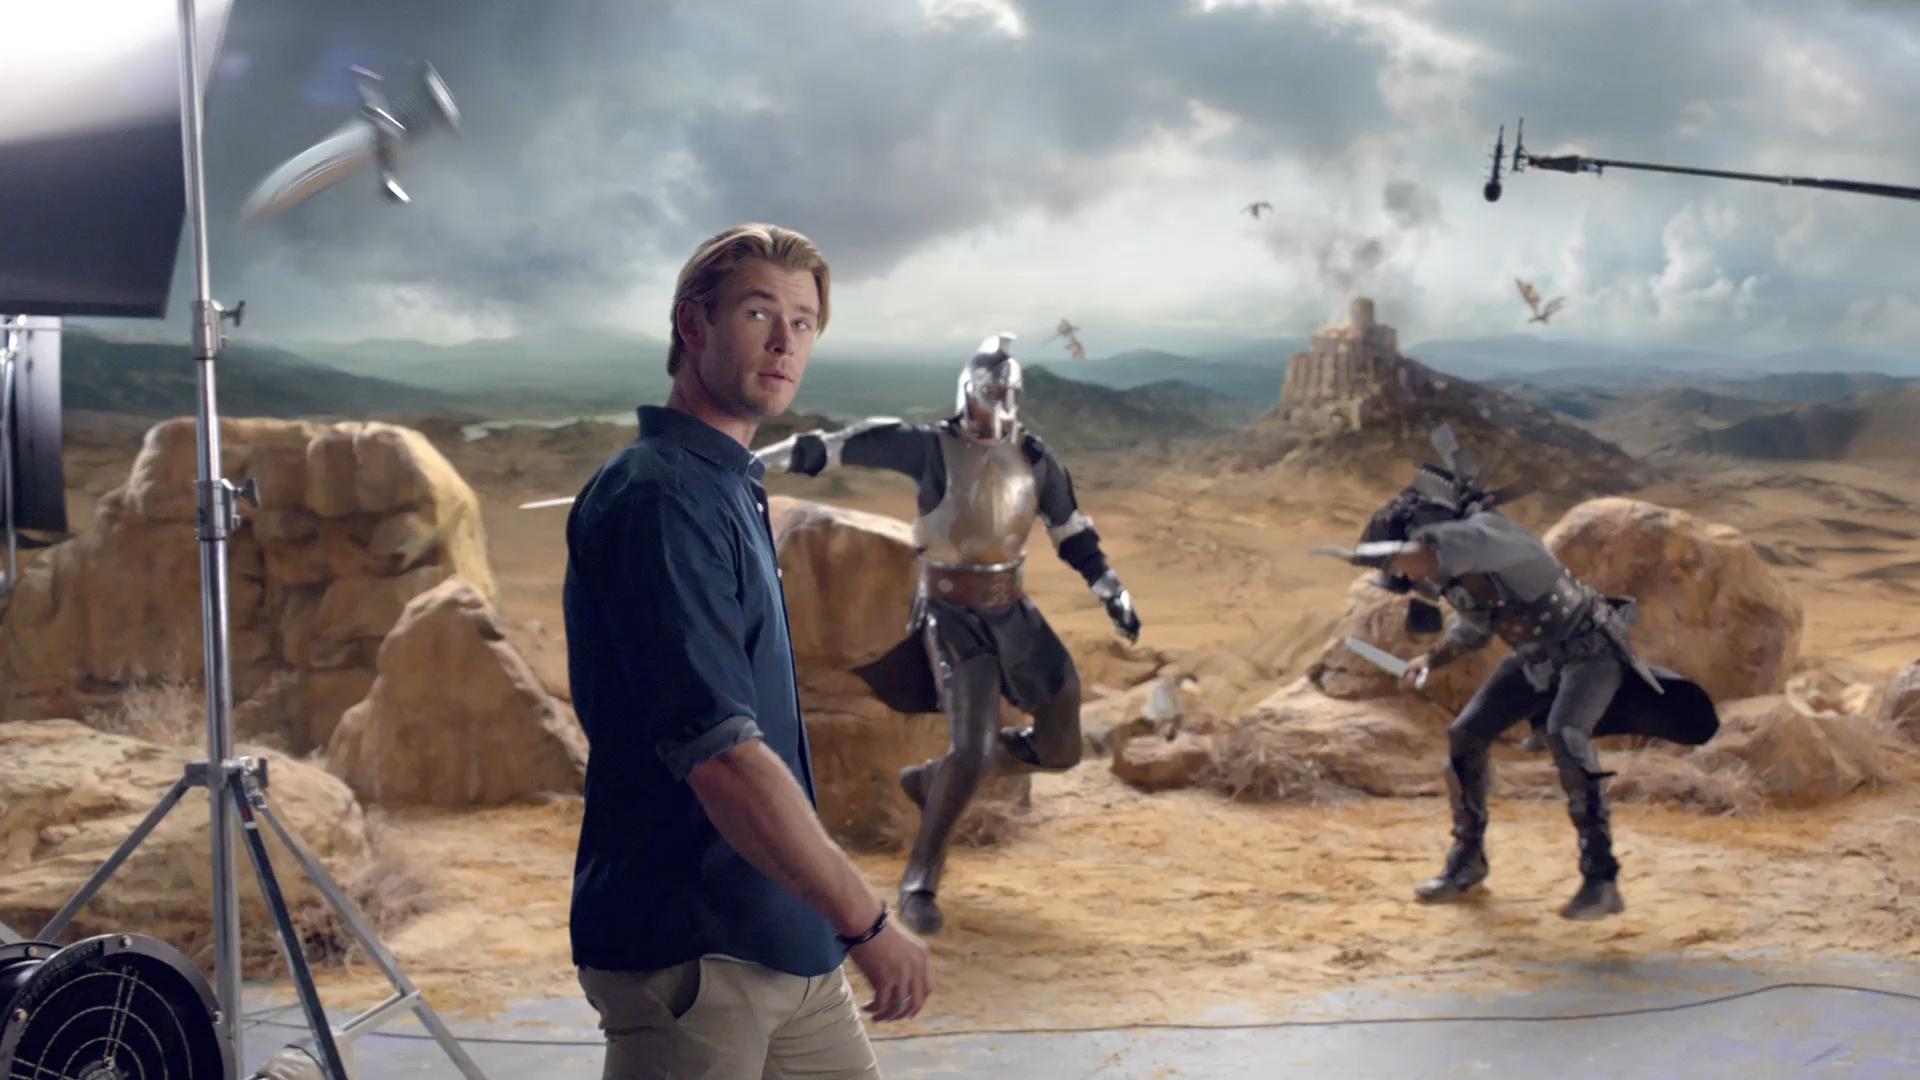 Experience Drama – Chris Hemsworth